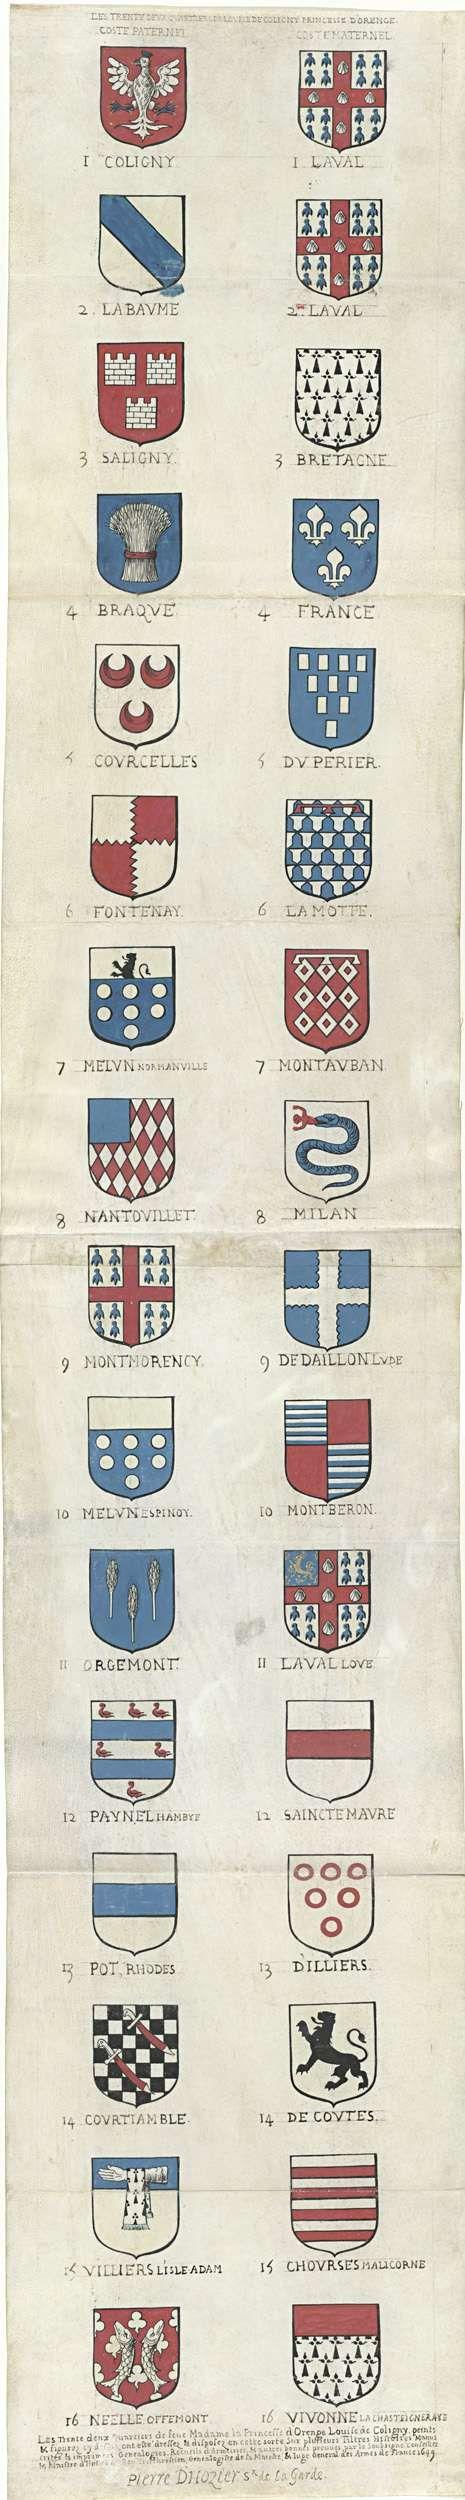 Pierre d'Hozier | De 32 kwartieren van Louise de Coligny, Pierre d'Hozier, 1649 | De 32 kwartieren van Louise. Links de zestien kwartieren van haar vaders zijde. Rechts de zestien kwartieren van haar moeders zijde.